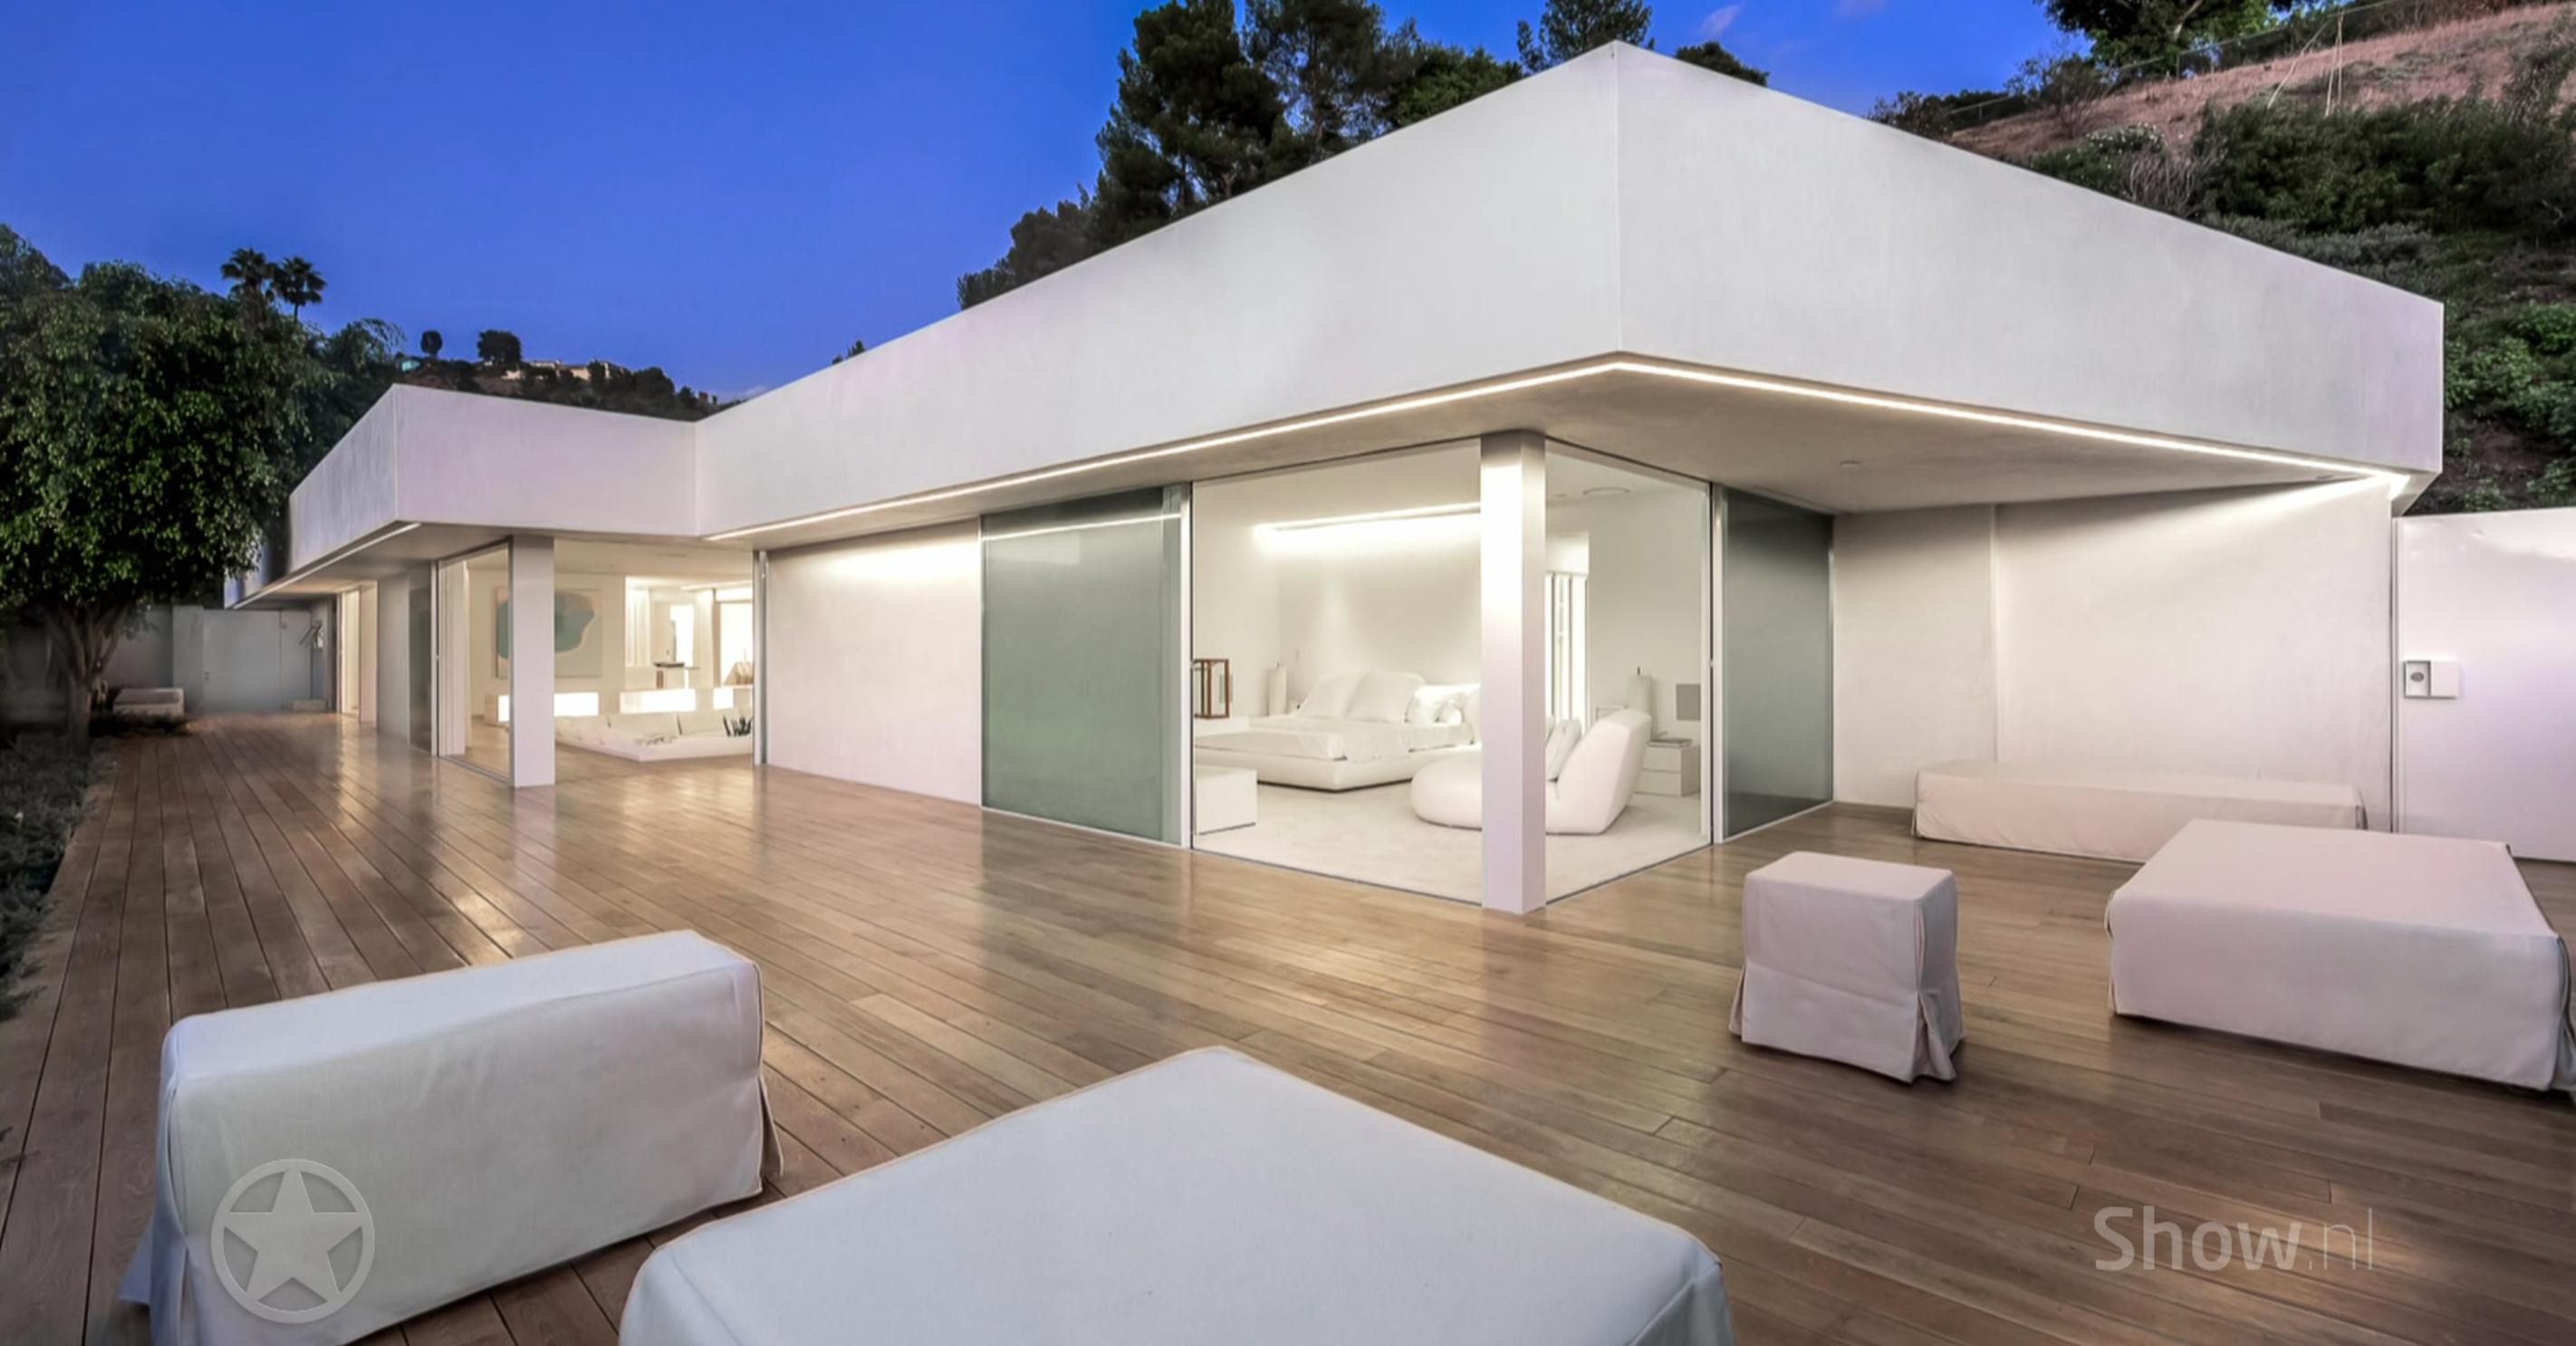 Binnenkijken bij het nieuwe huis van Orlando Bloom in Hollywood